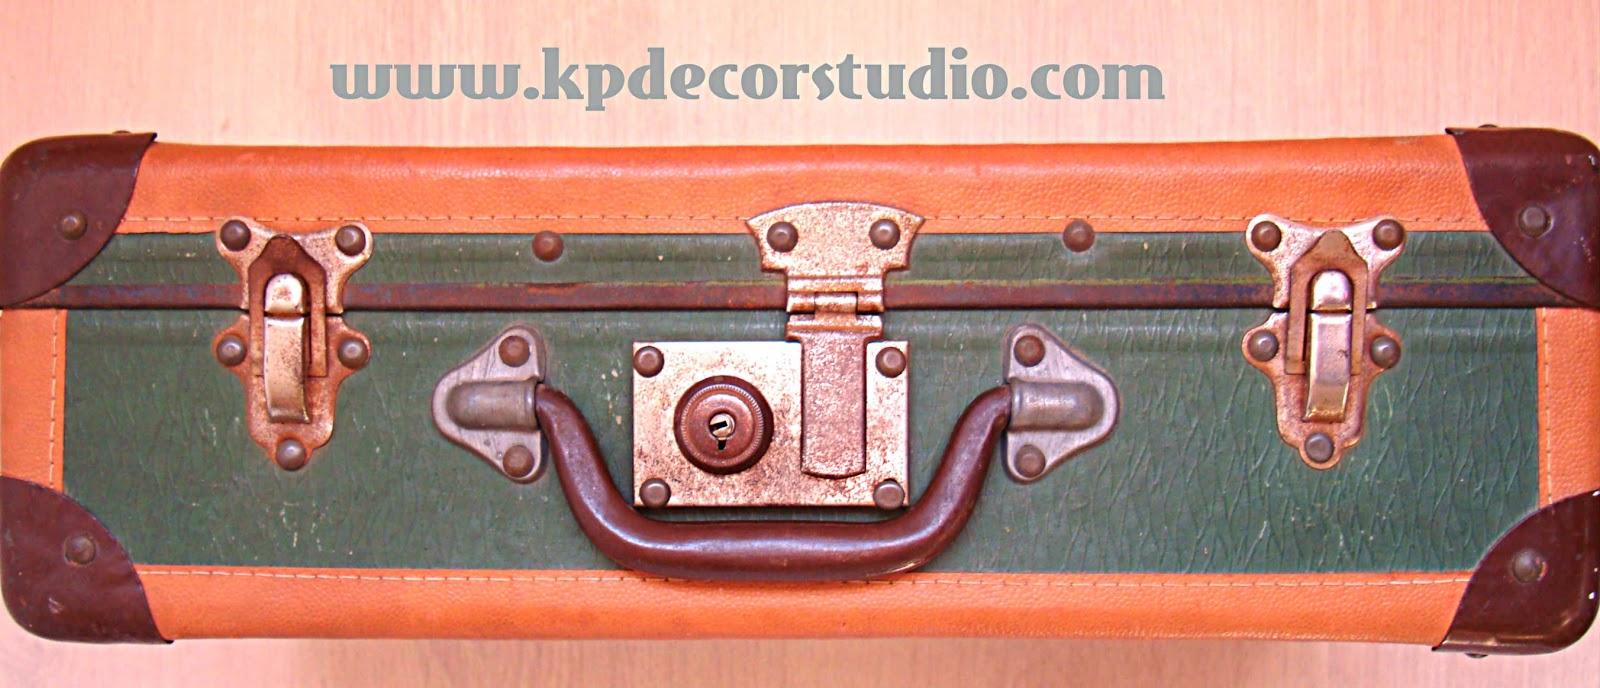 5bce80d55 kpdecorstudio. comprar maleta antigua segunda mano. Decorativa y barata, años  60, 70. KP. Comprar maletas antiguas para decorar ...